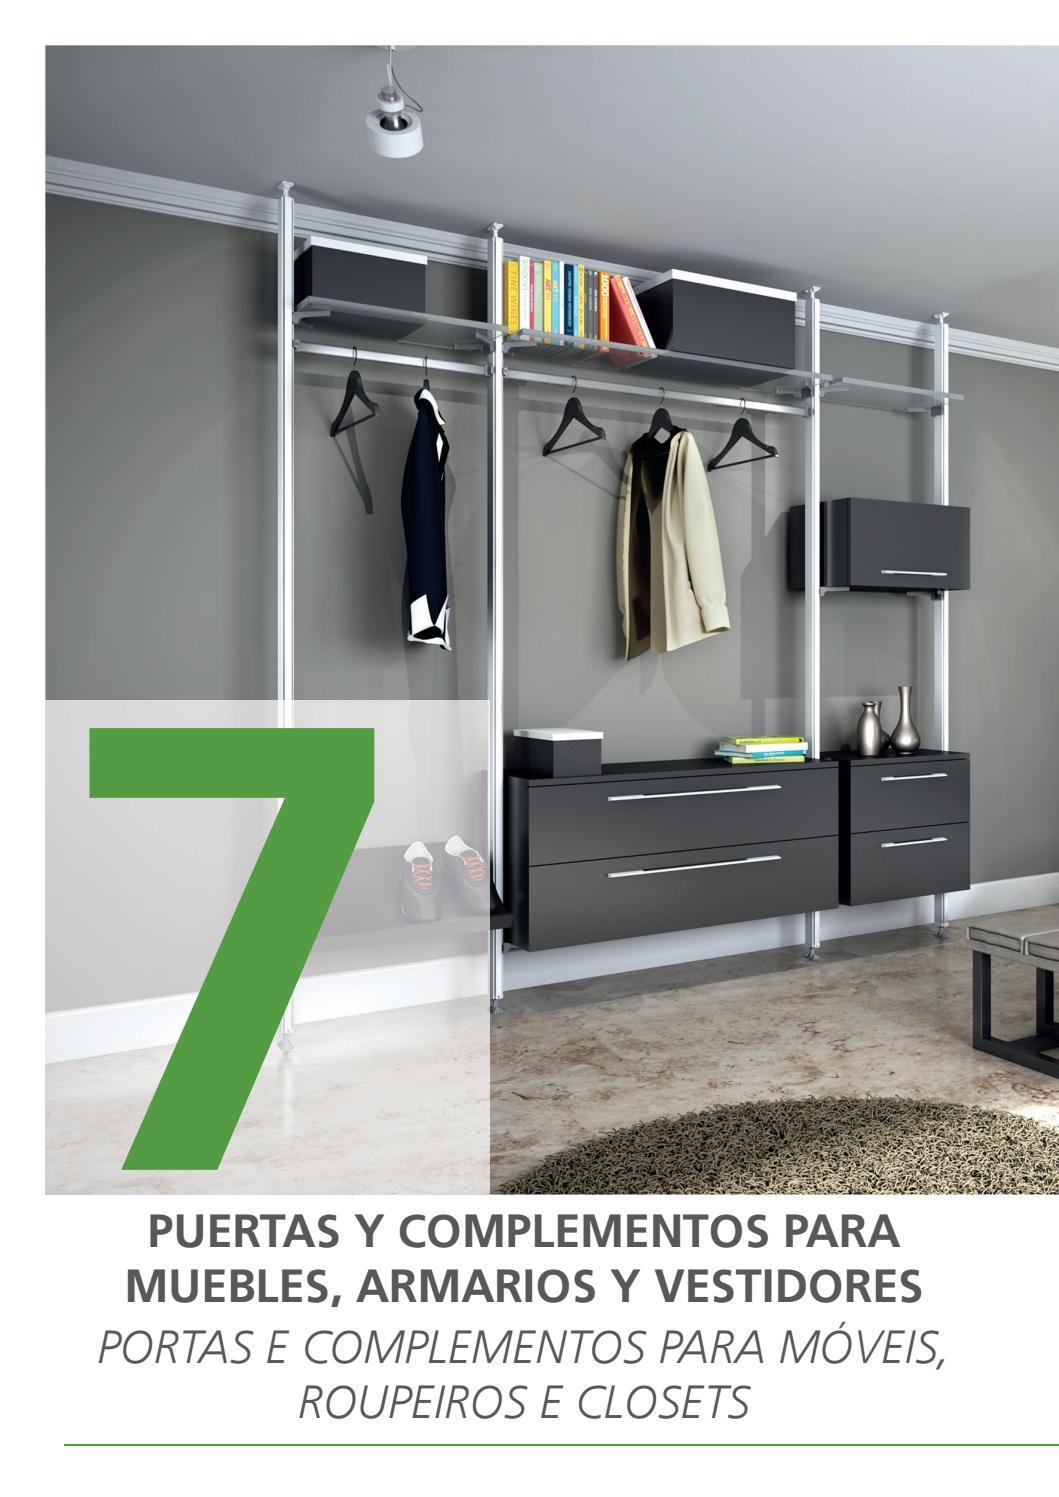 Puertas y complementos para muebles armarios portas e for Muebles y complementos